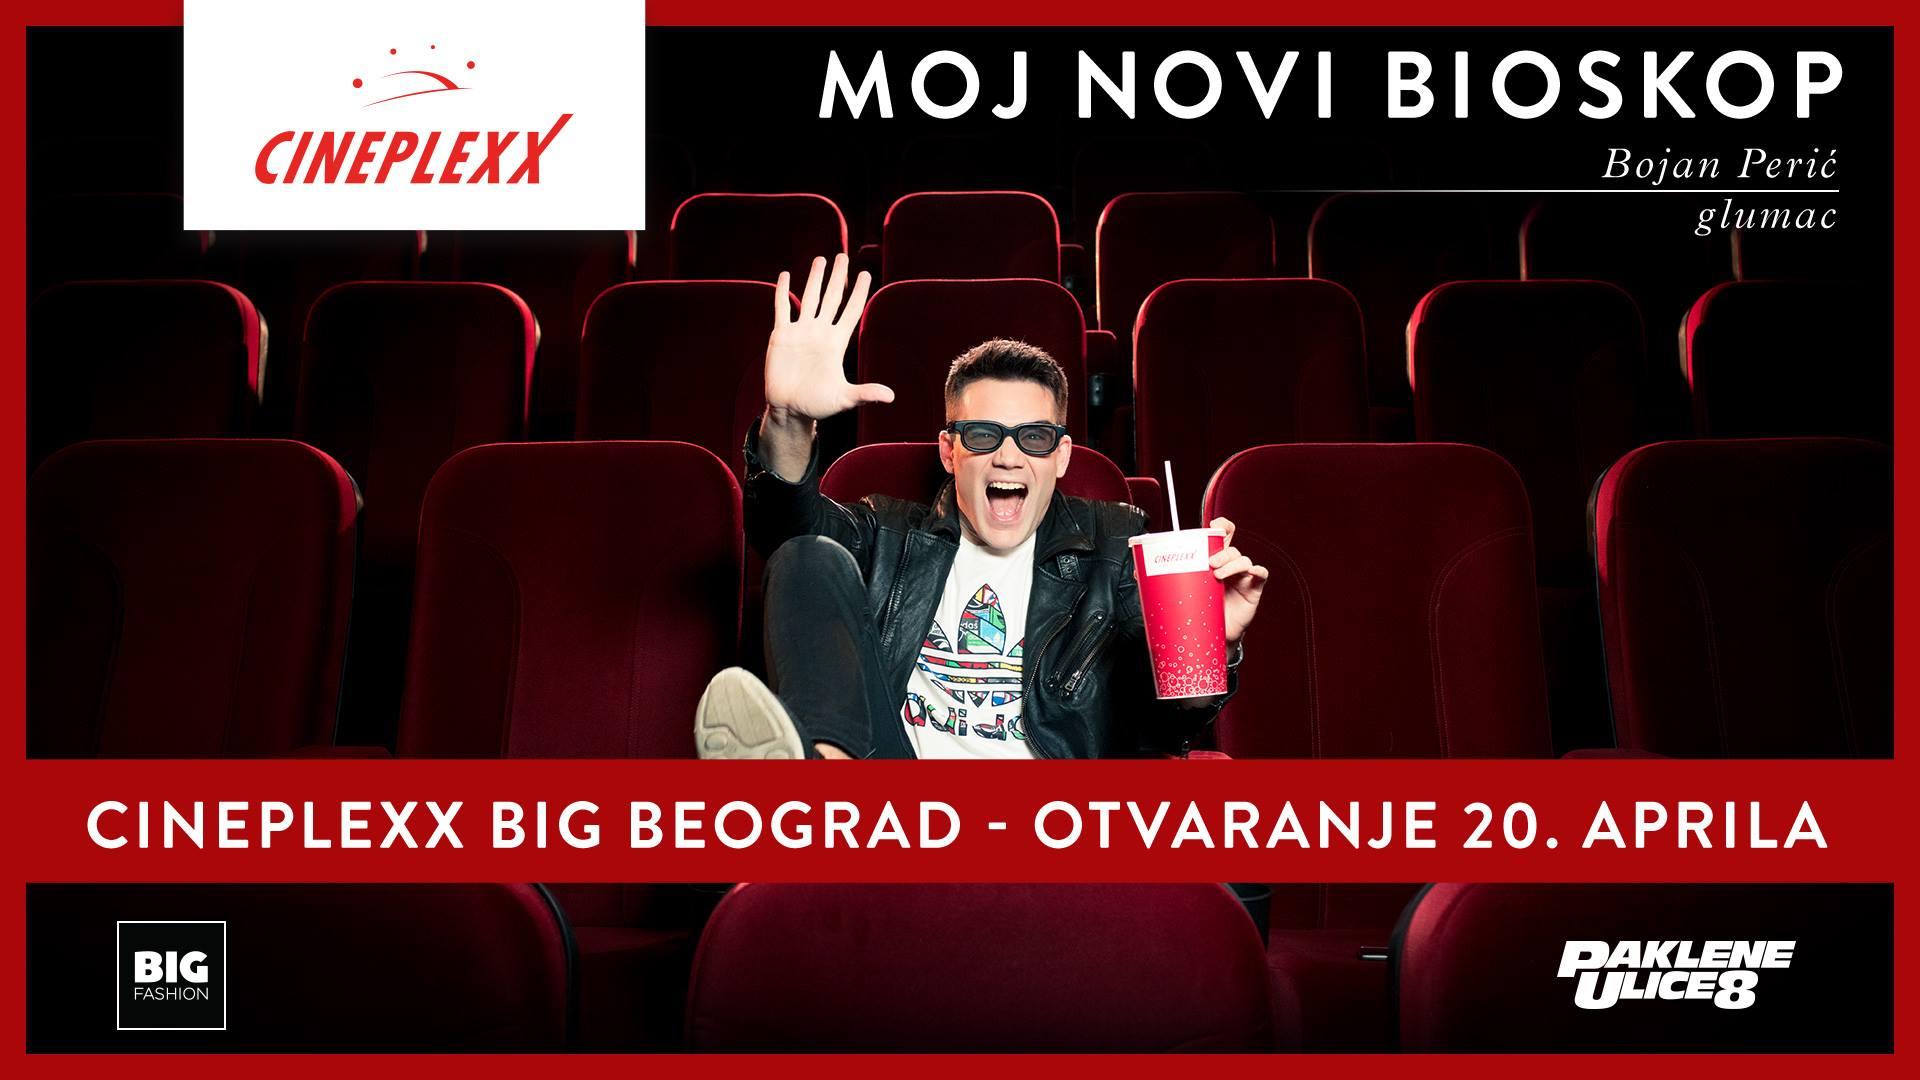 Cineplexx BIG